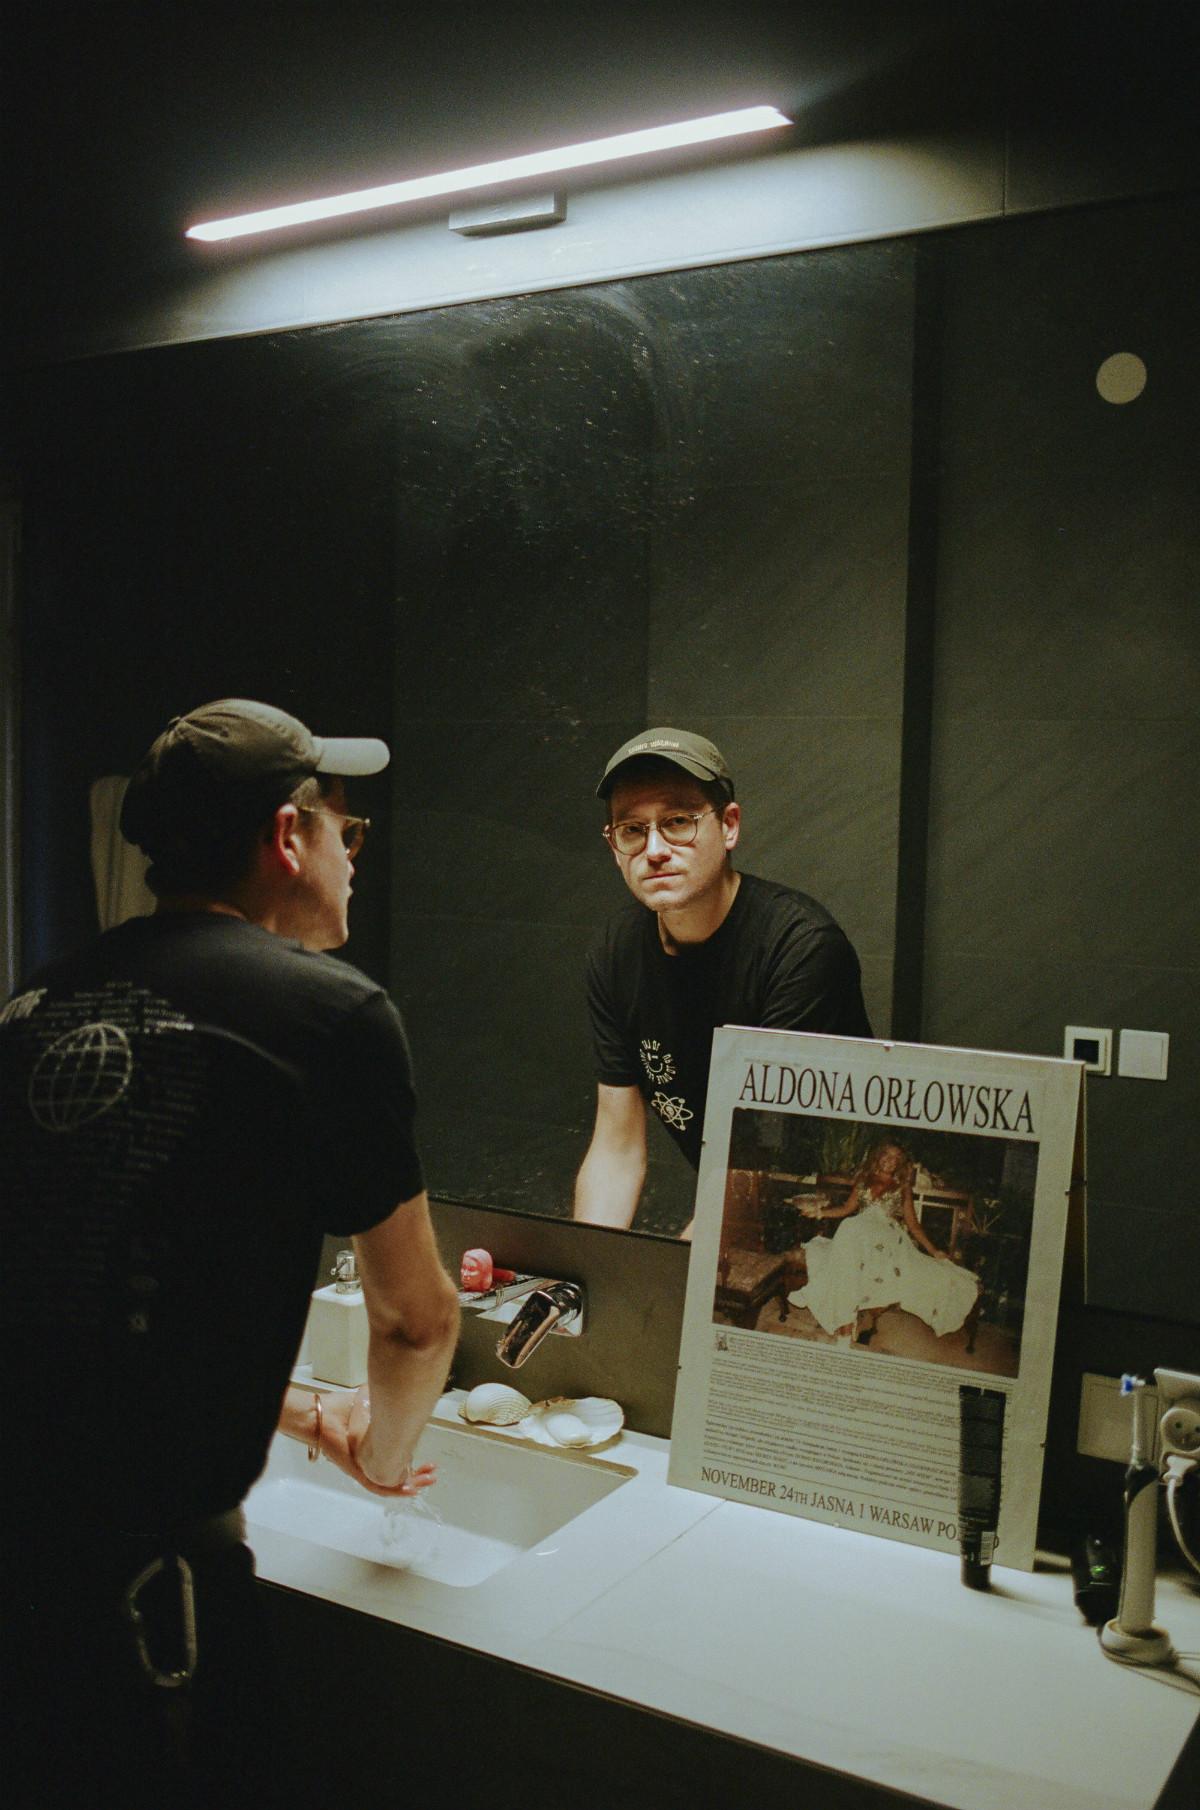 Kovvalsky obyciu dobrym DJ-em, social mediach iprzekupywaniu ochroniarzy